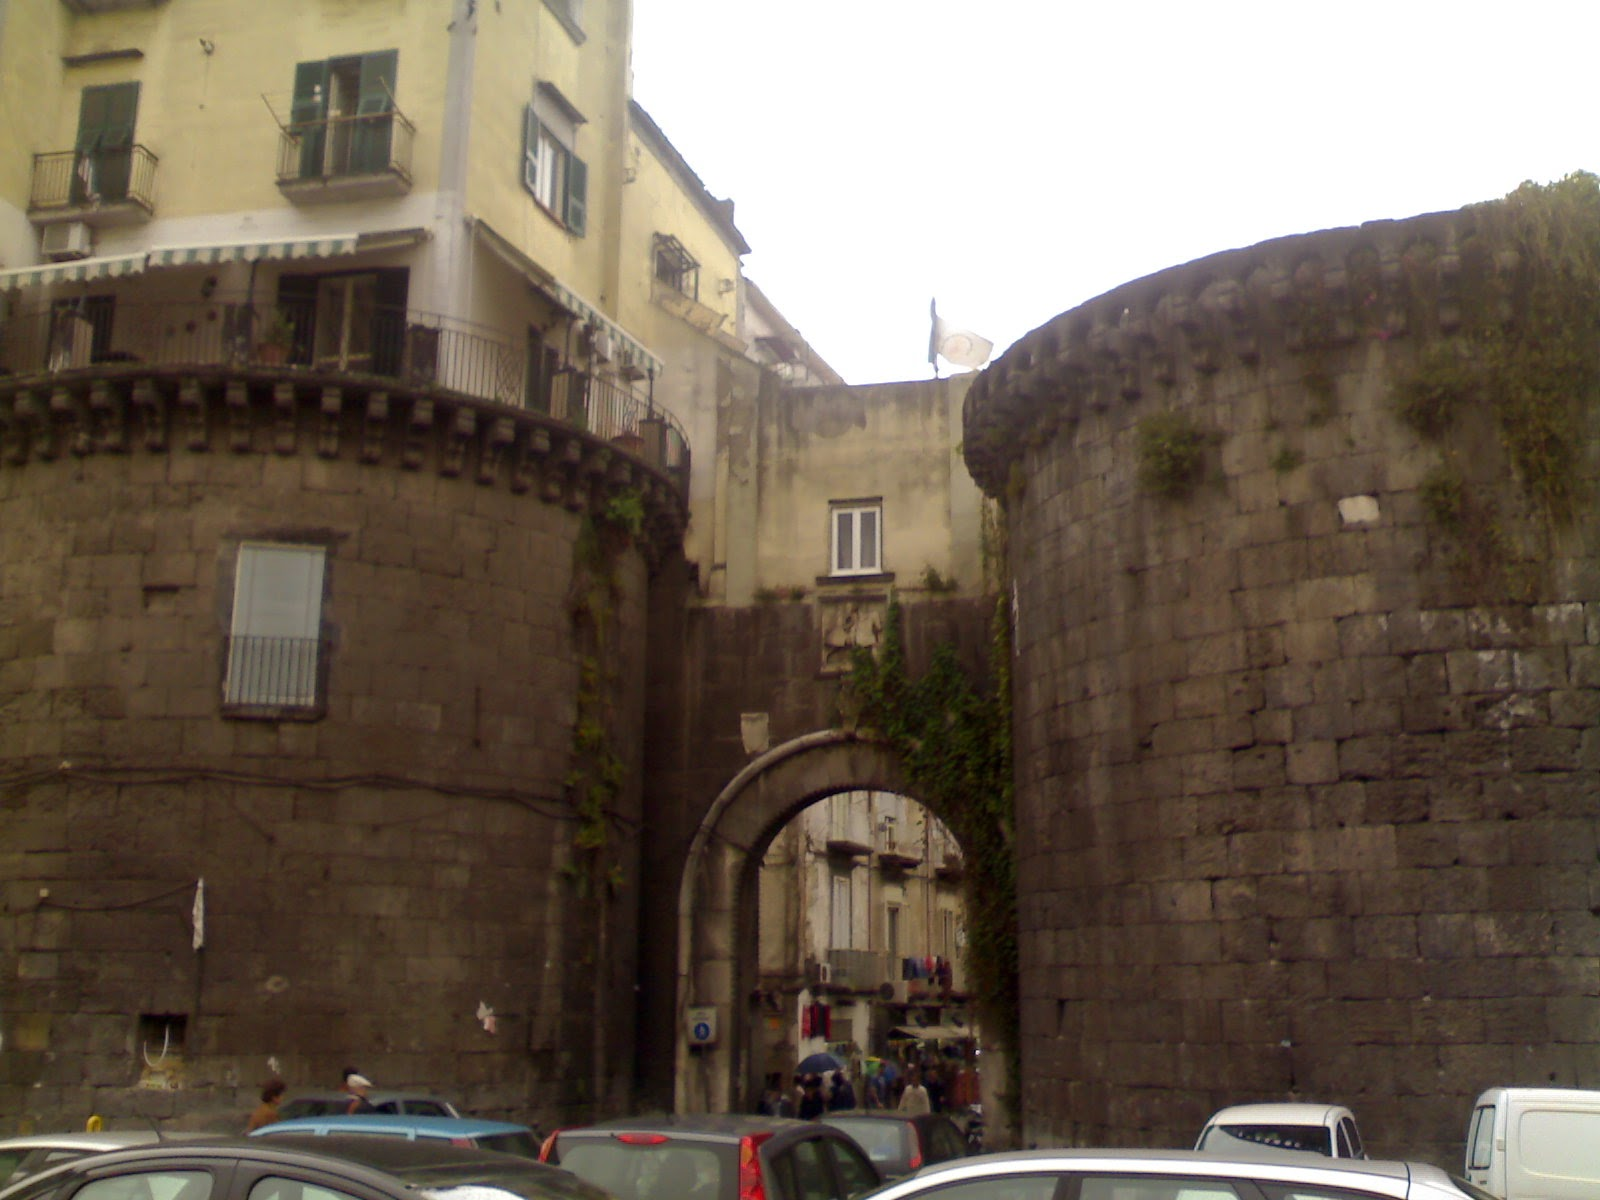 Ancora una volta la popolazione ¨ costretta a denunciare lo stato di totale abbandono e degrado in cui versano Porta Nolana piazza Garibaldi e piazza